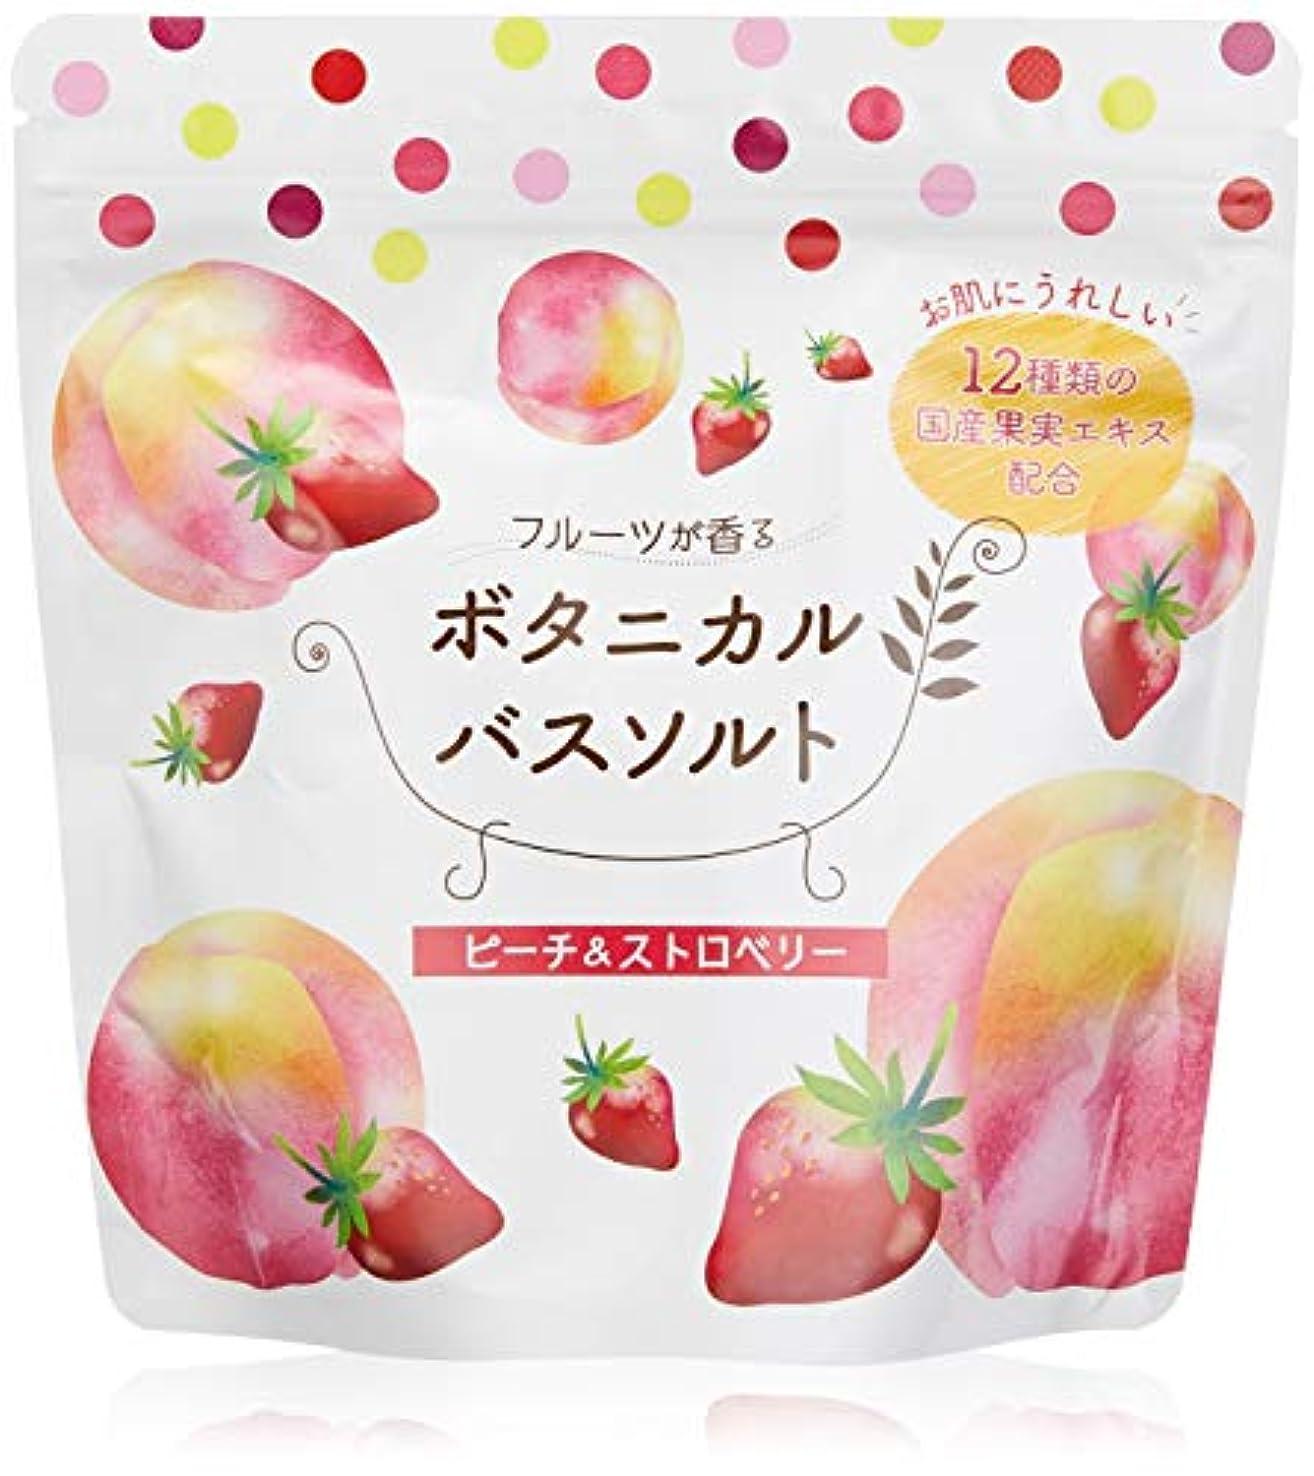 リーン非難する現象松田医薬品 フルーツが香るボタニカルバスソルト 入浴剤 ピーチ ストロベリー 450g